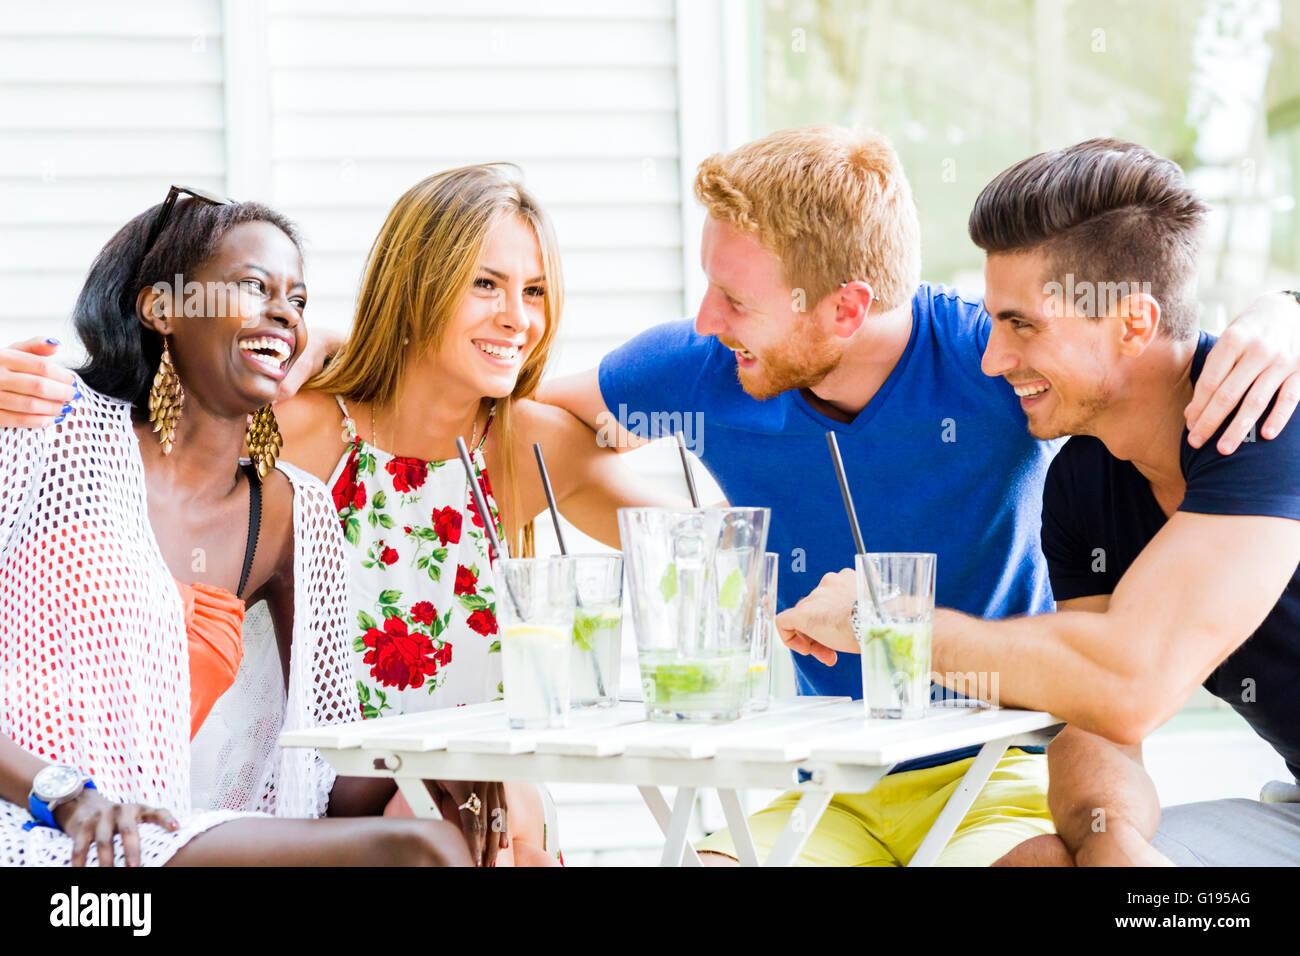 Les amis de rire et s'étreindre chaque origine à l'extérieur et être heureux Photo Stock